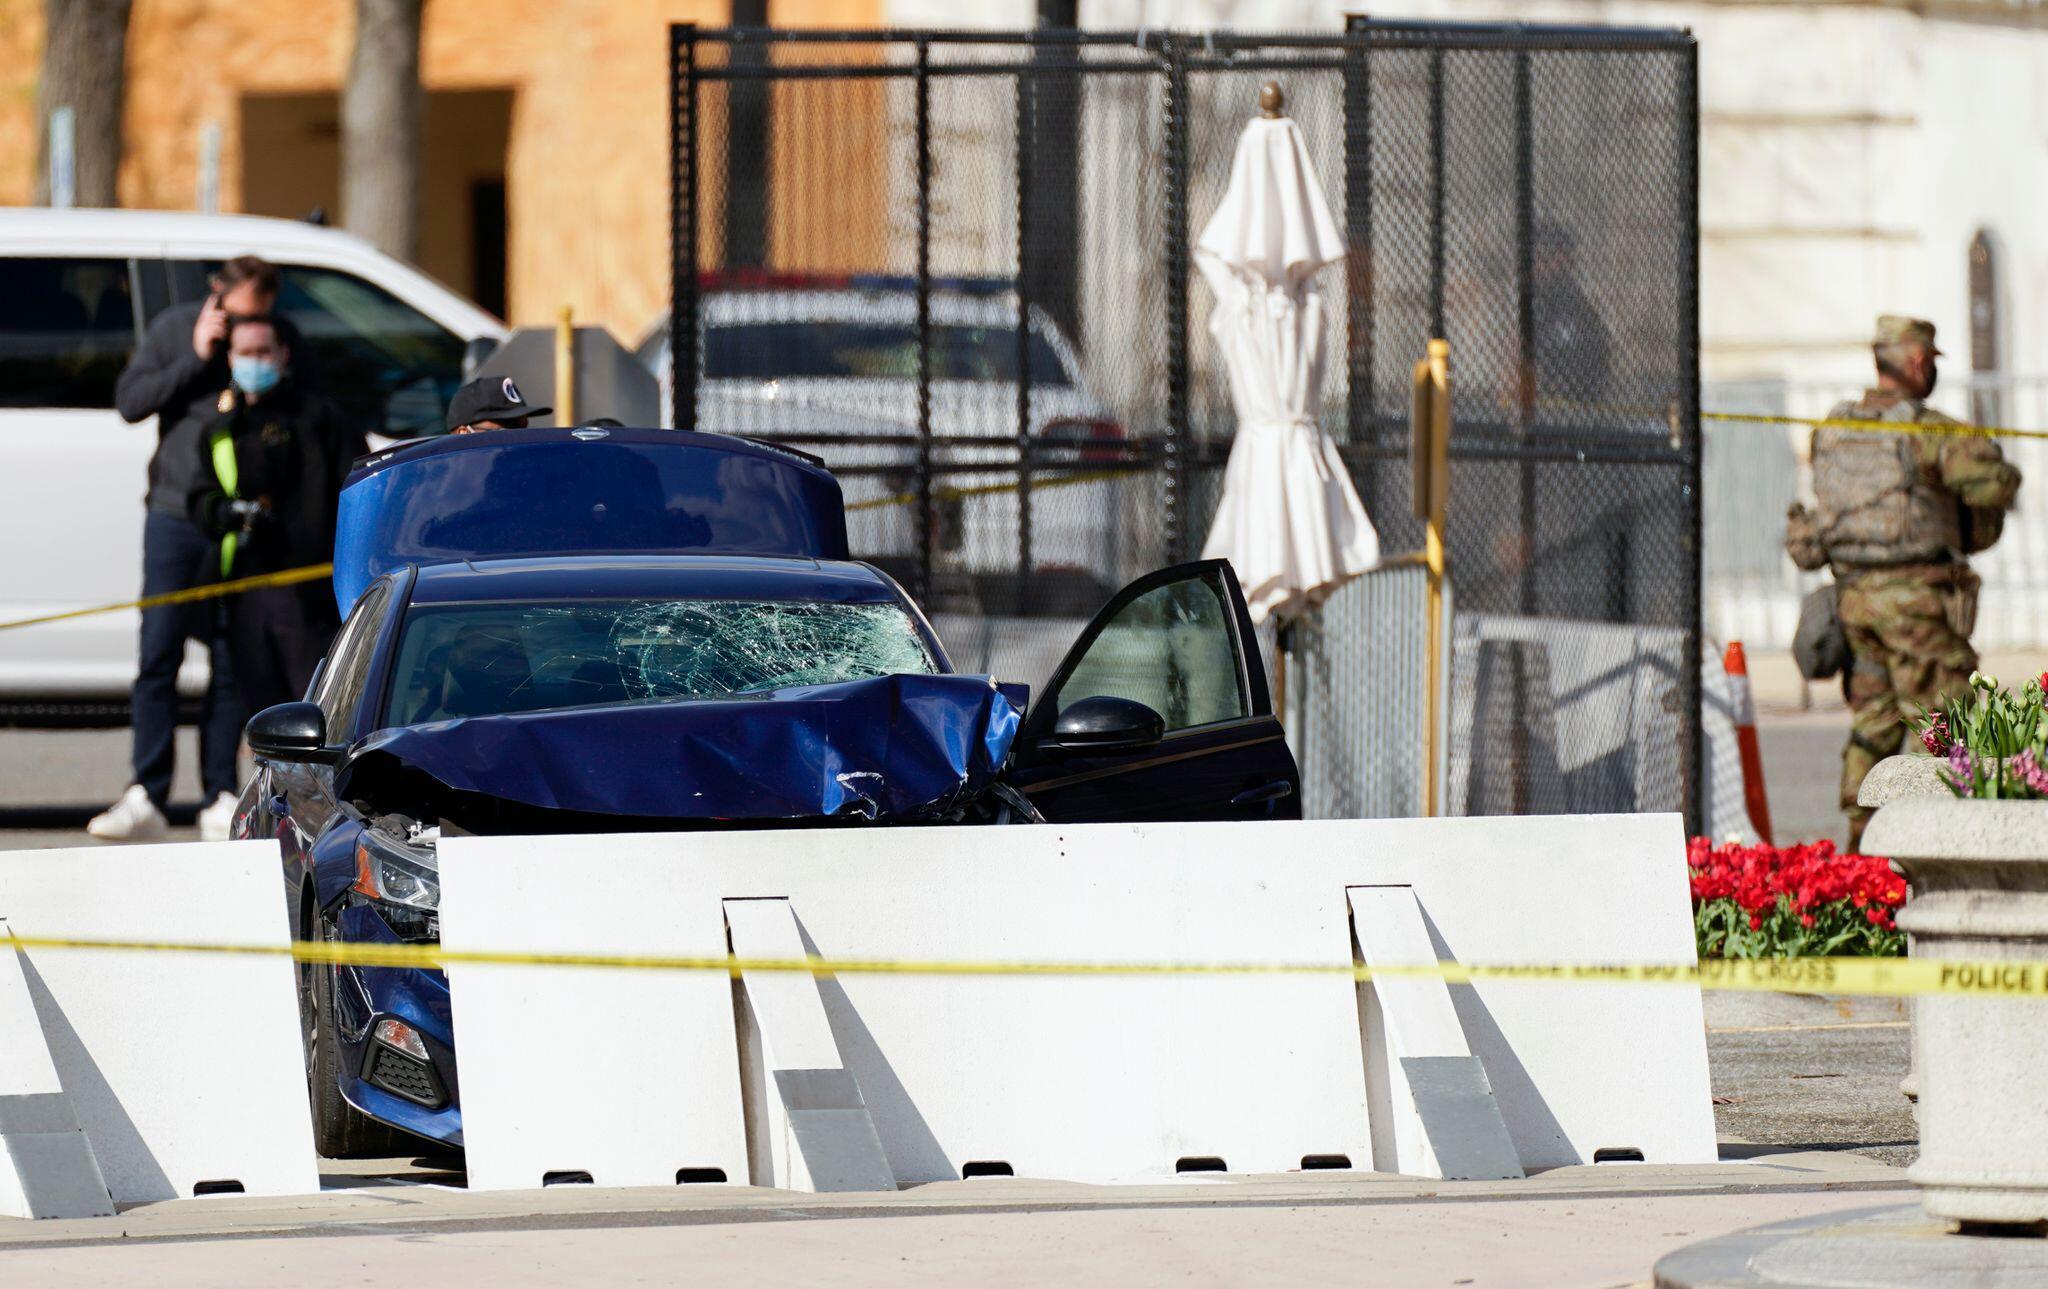 Bild zu Vorfall am US-Kapitol - Mann rammt Polizeisperre